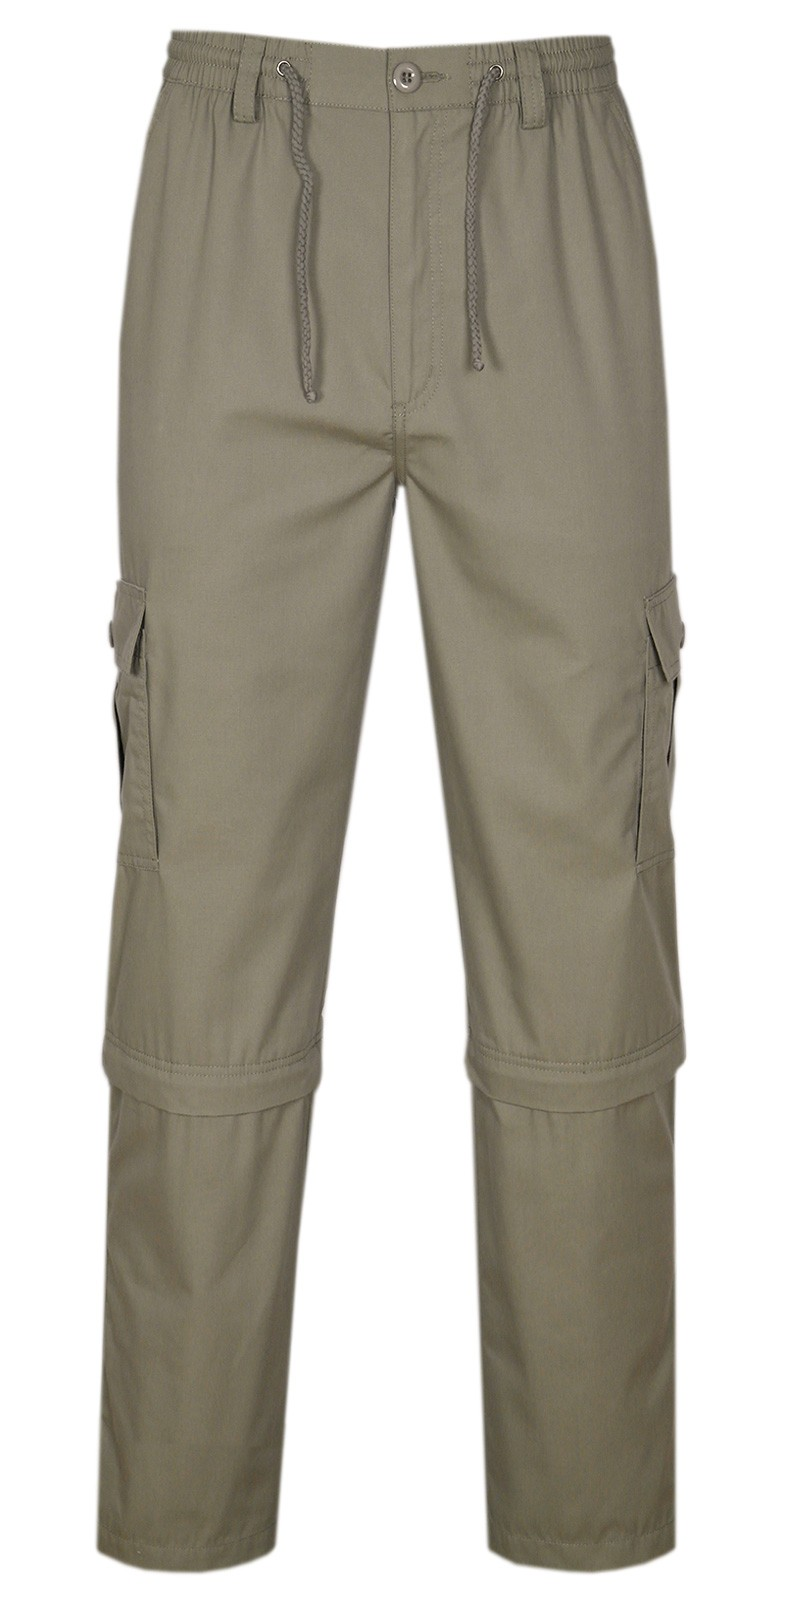 Herren Cargo Hose Zip Off - Tan